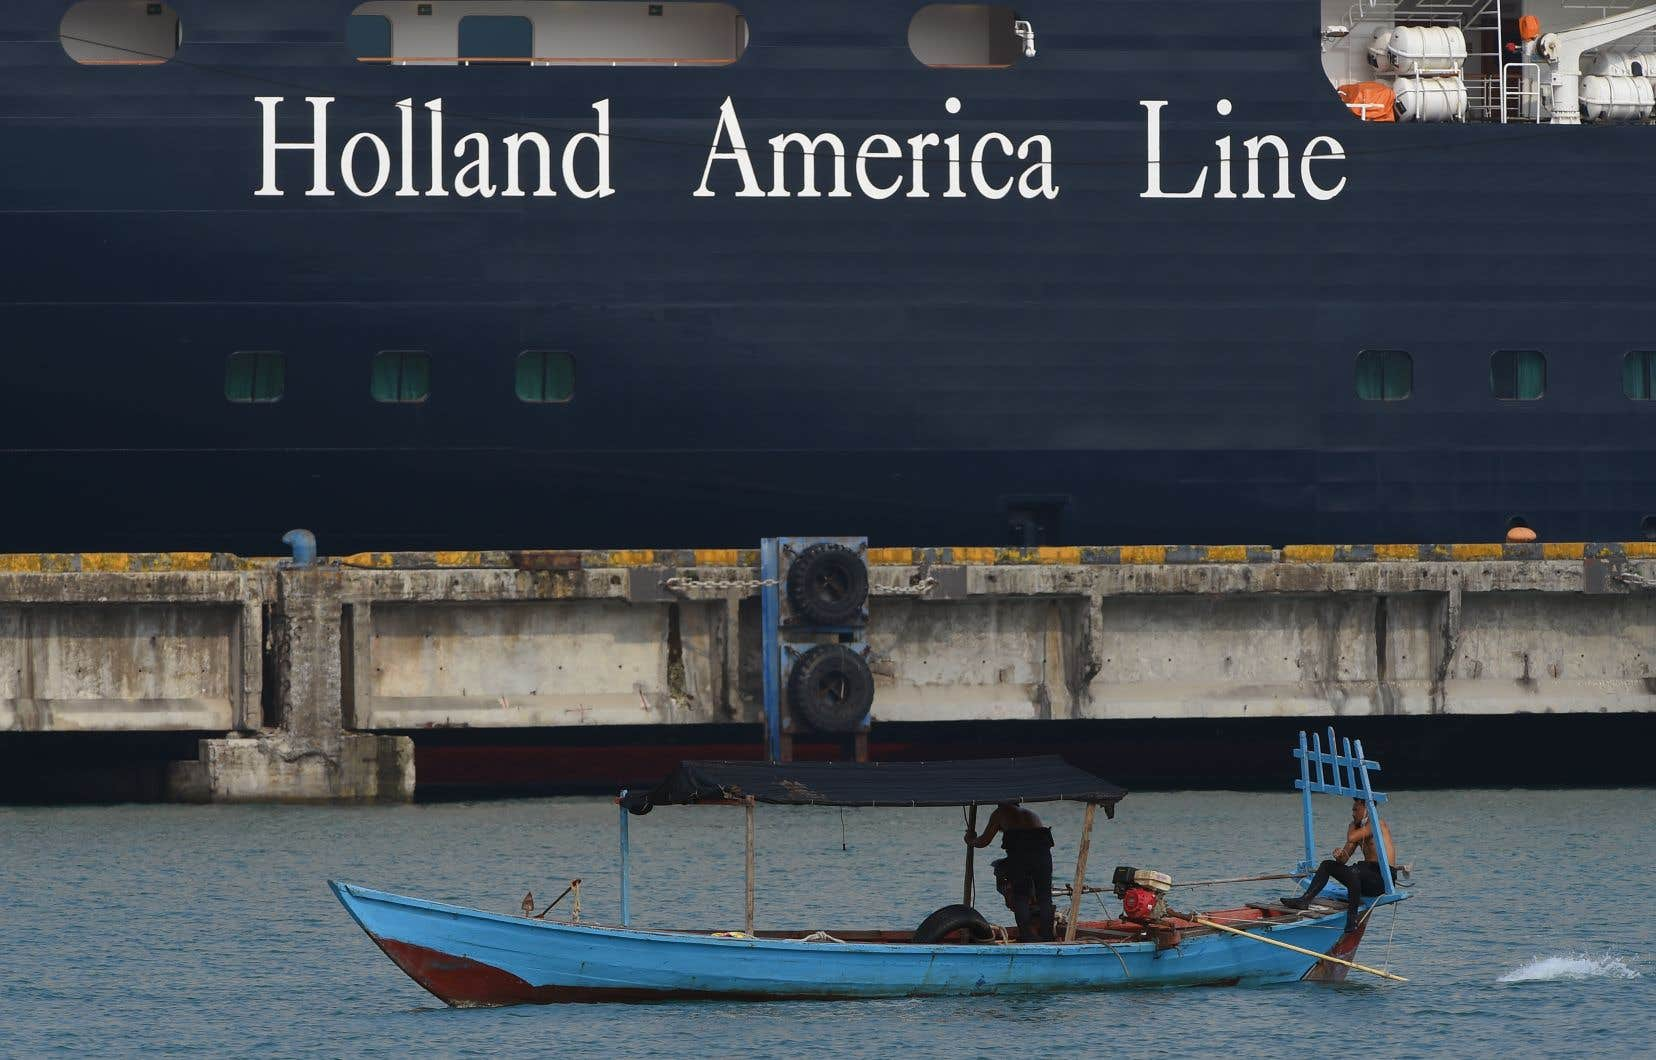 <p>L'opérateur du navire, Holland America, a fait part de sa «gratitude sincère» envers le Cambodge que le paquebot devrait quitter prochainement.</p>